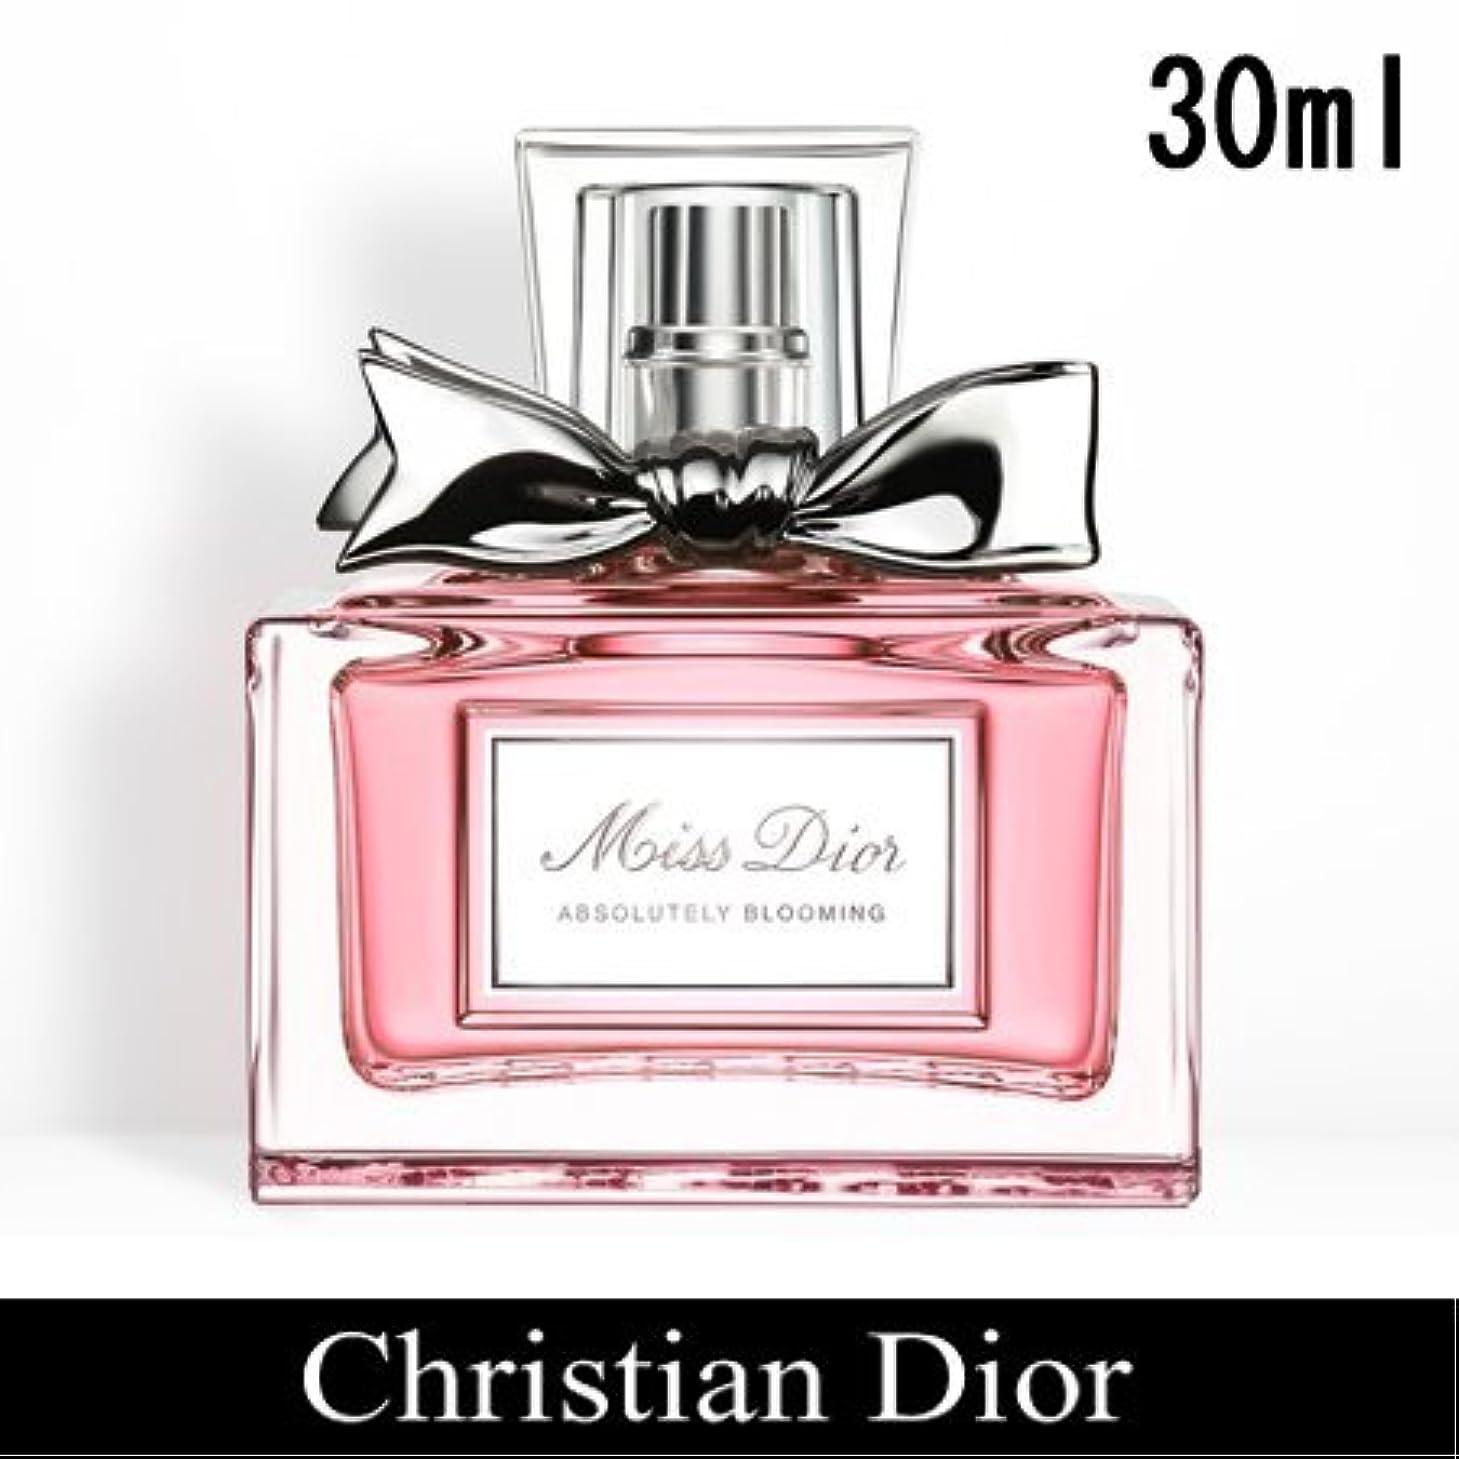 クランプ気分が良い耐久クリスチャン ディオール(Christian Dior) ミス ディオール アブソリュートリー ブルーミング 30ml[並行輸入品]